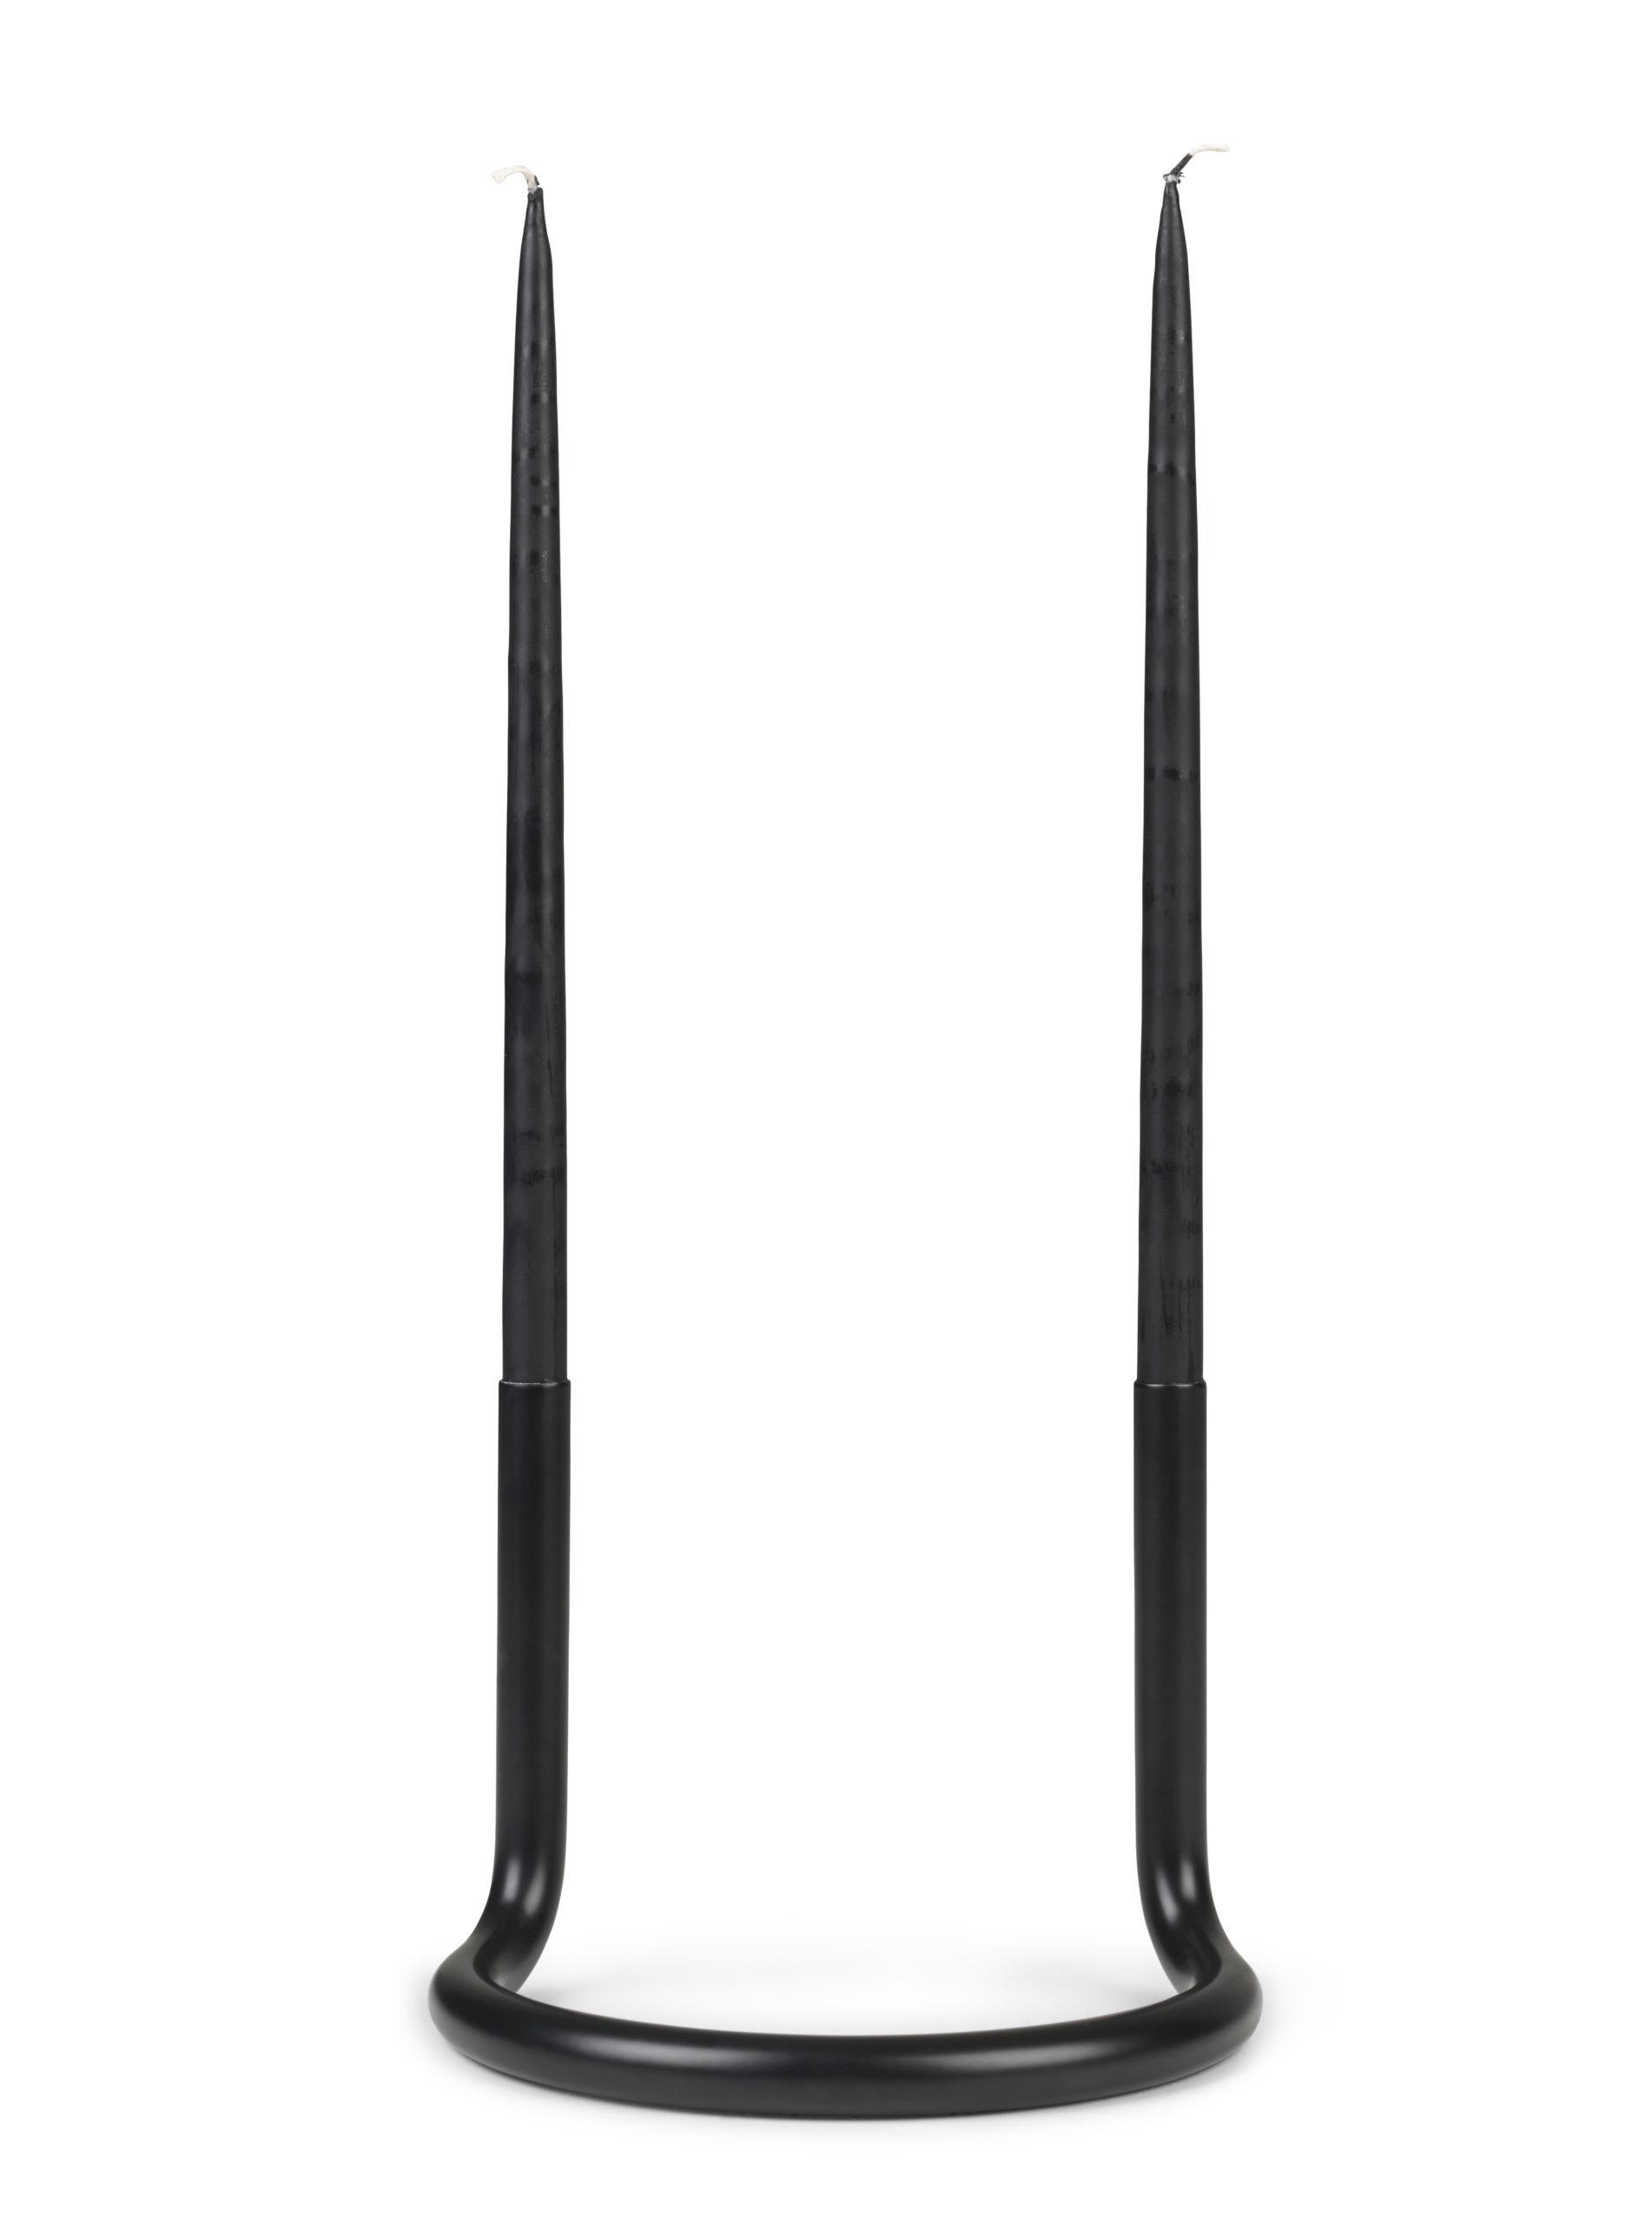 Architectmade-Gemini-Black-Stainless-Steel-Candleholder-Peter-Karpf